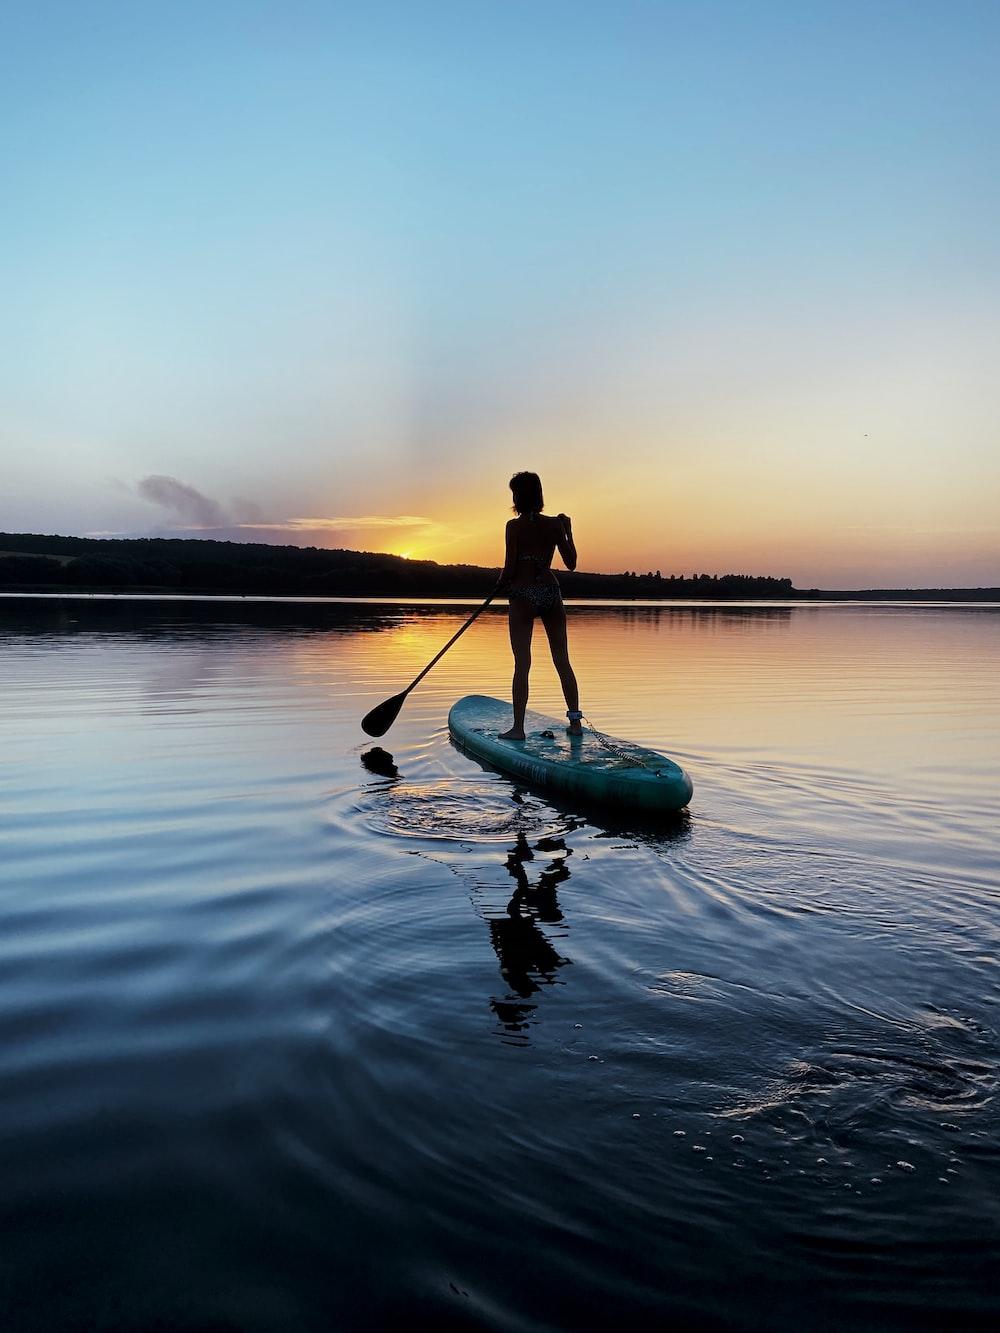 man in black shirt riding on green kayak on body of water during daytime